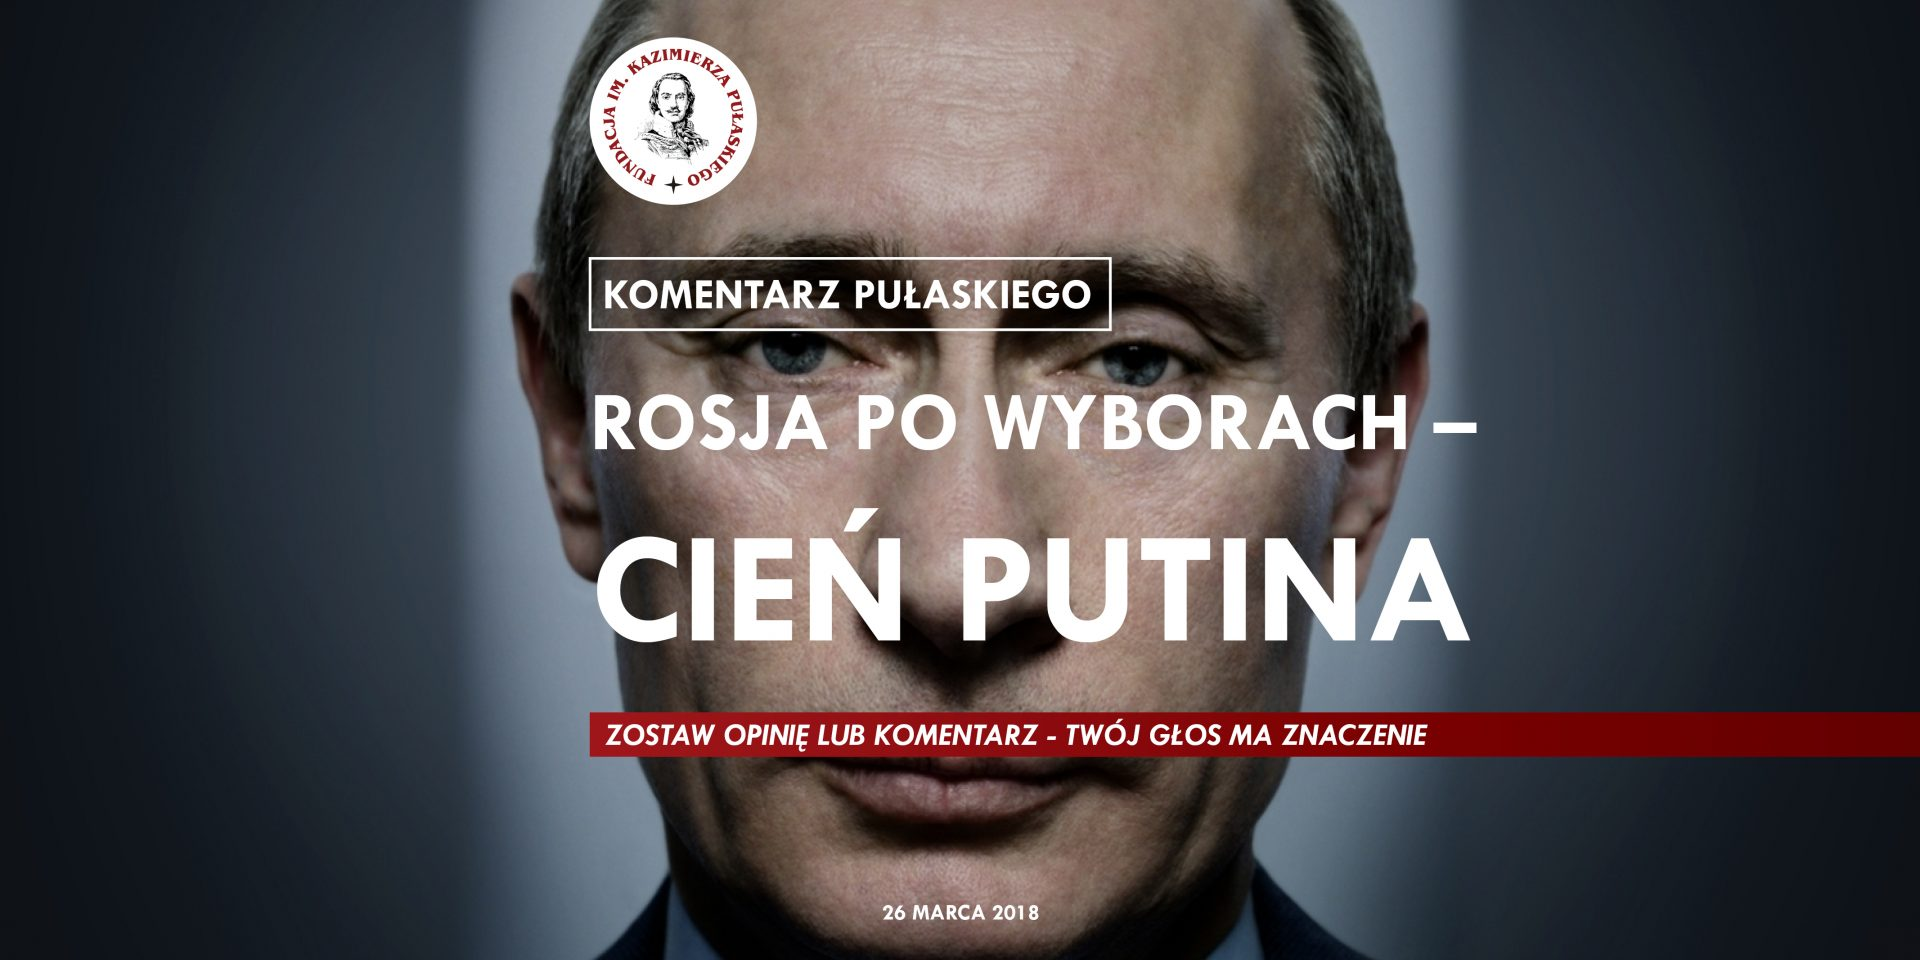 KOMENTARZ PUŁASKIEGO: Rosja powyborach – cień Putina